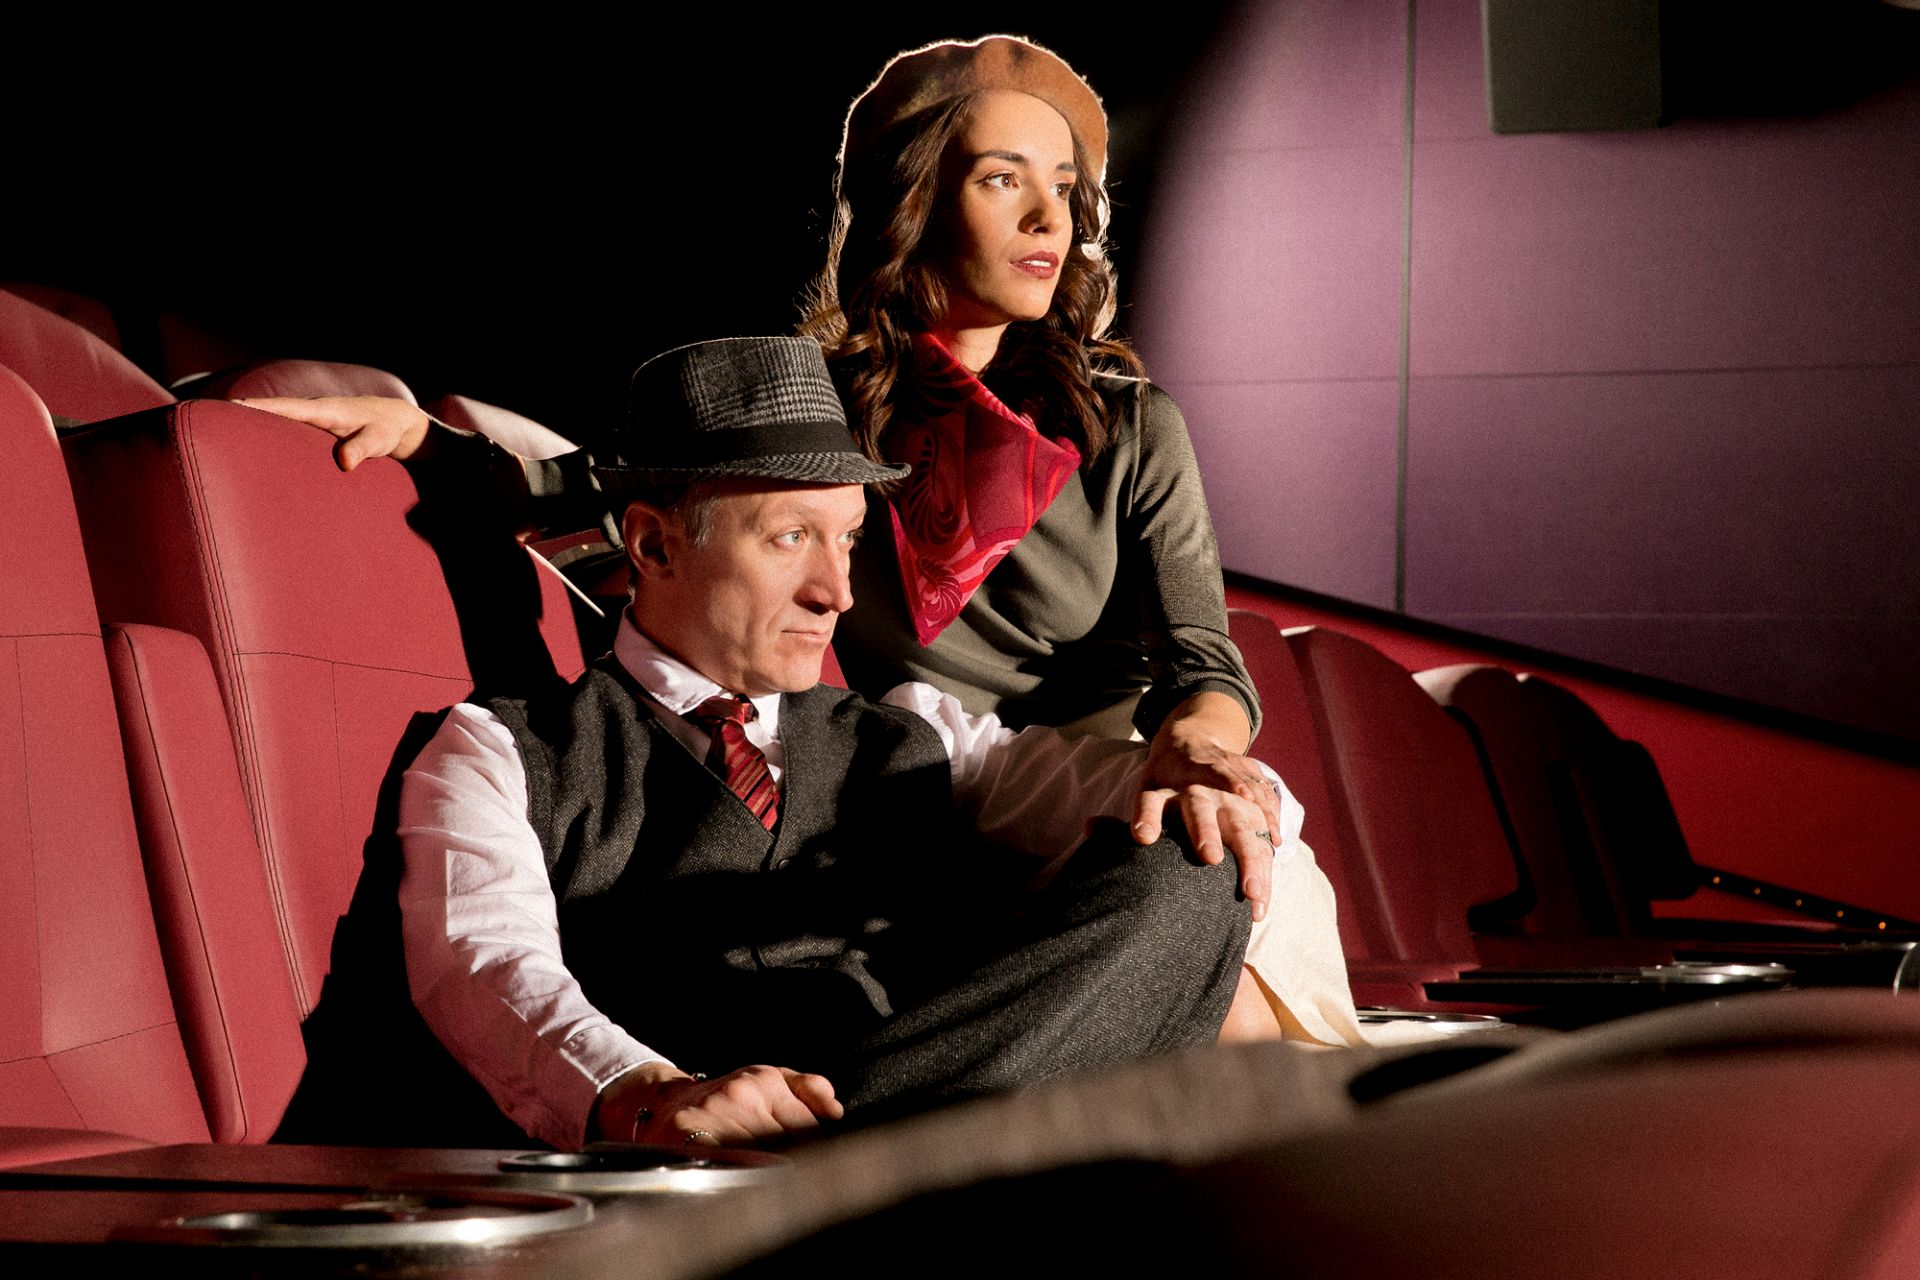 Гардероб: Marc O'Polo // Обувки: MDL // Шал, вратовръзка и аксесоари: FREYWILLE